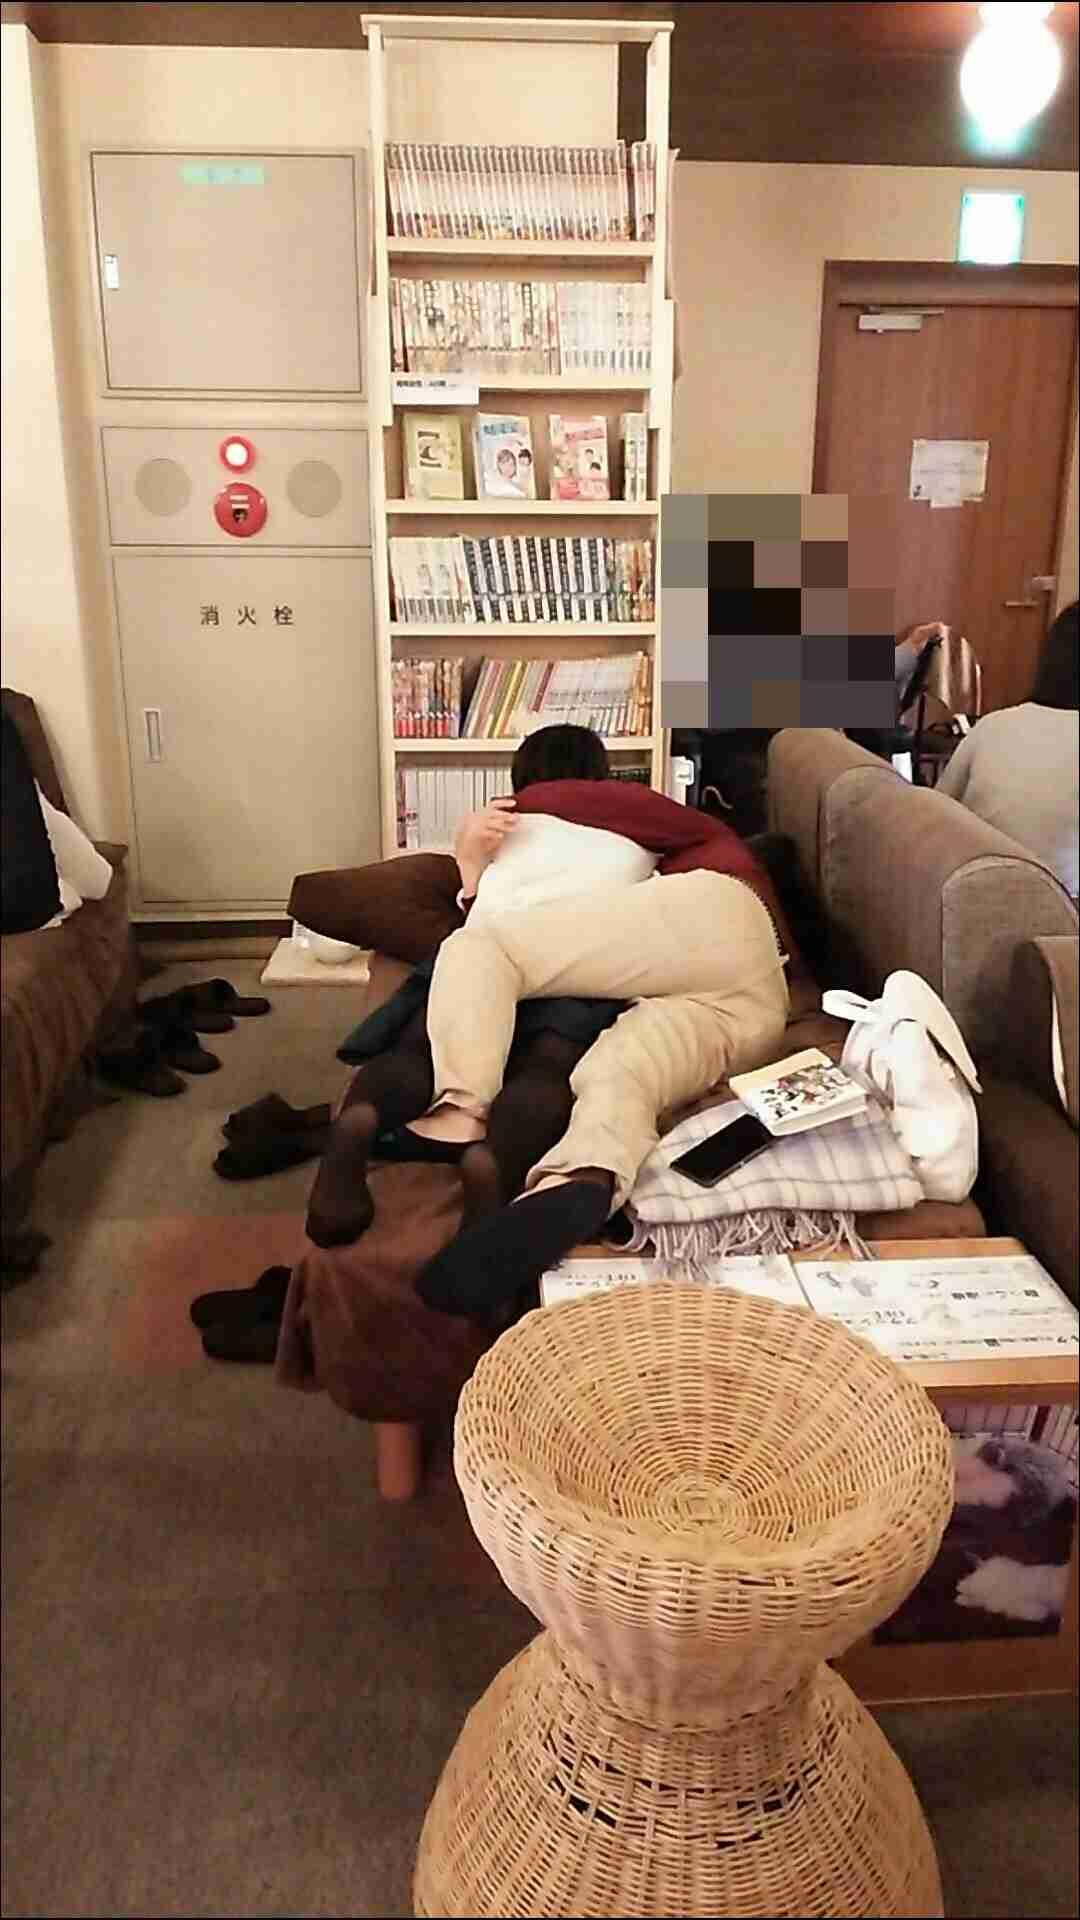 猫カフェで広がる「男性お断り」 「ナンパ」「盗撮」が増えてきた...